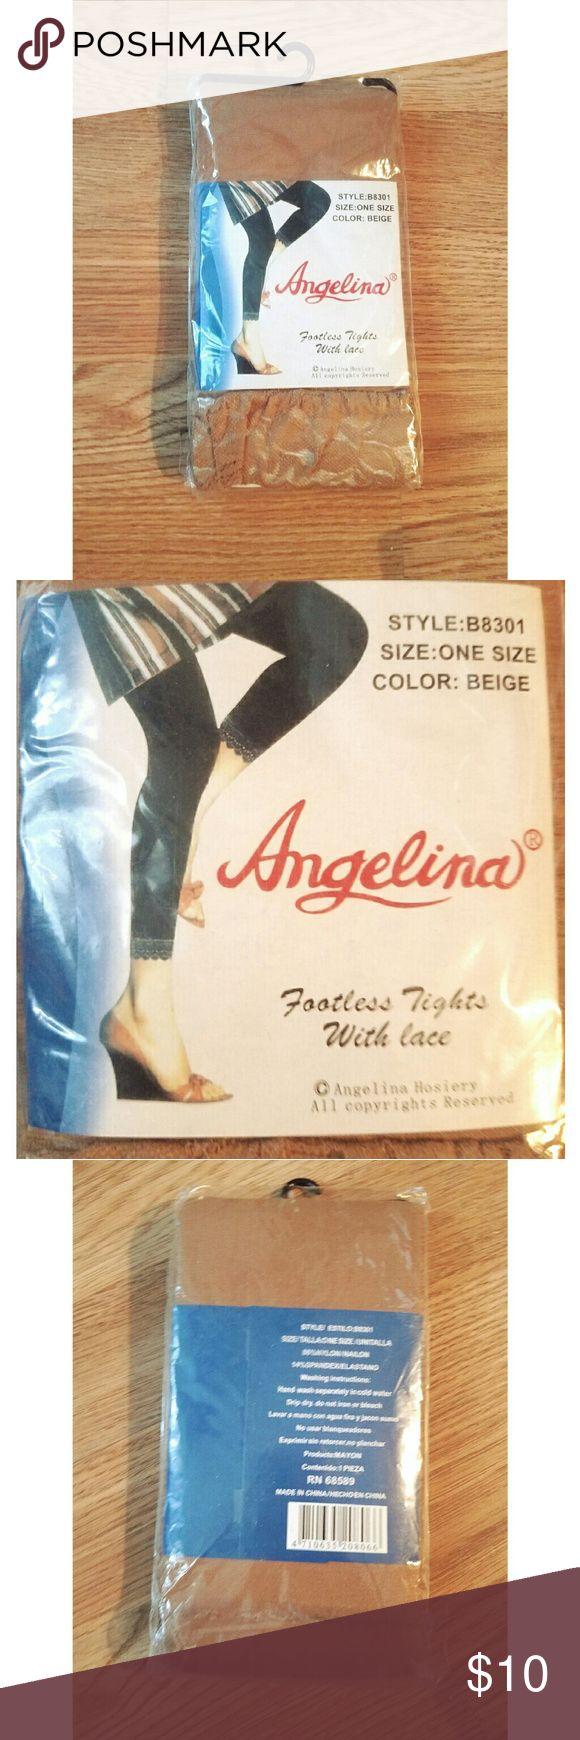 ?? BUNDLE SALE  ?? Beige Footless Tights w/Lace Beige Footless Tights w/Lace Pants Leggings